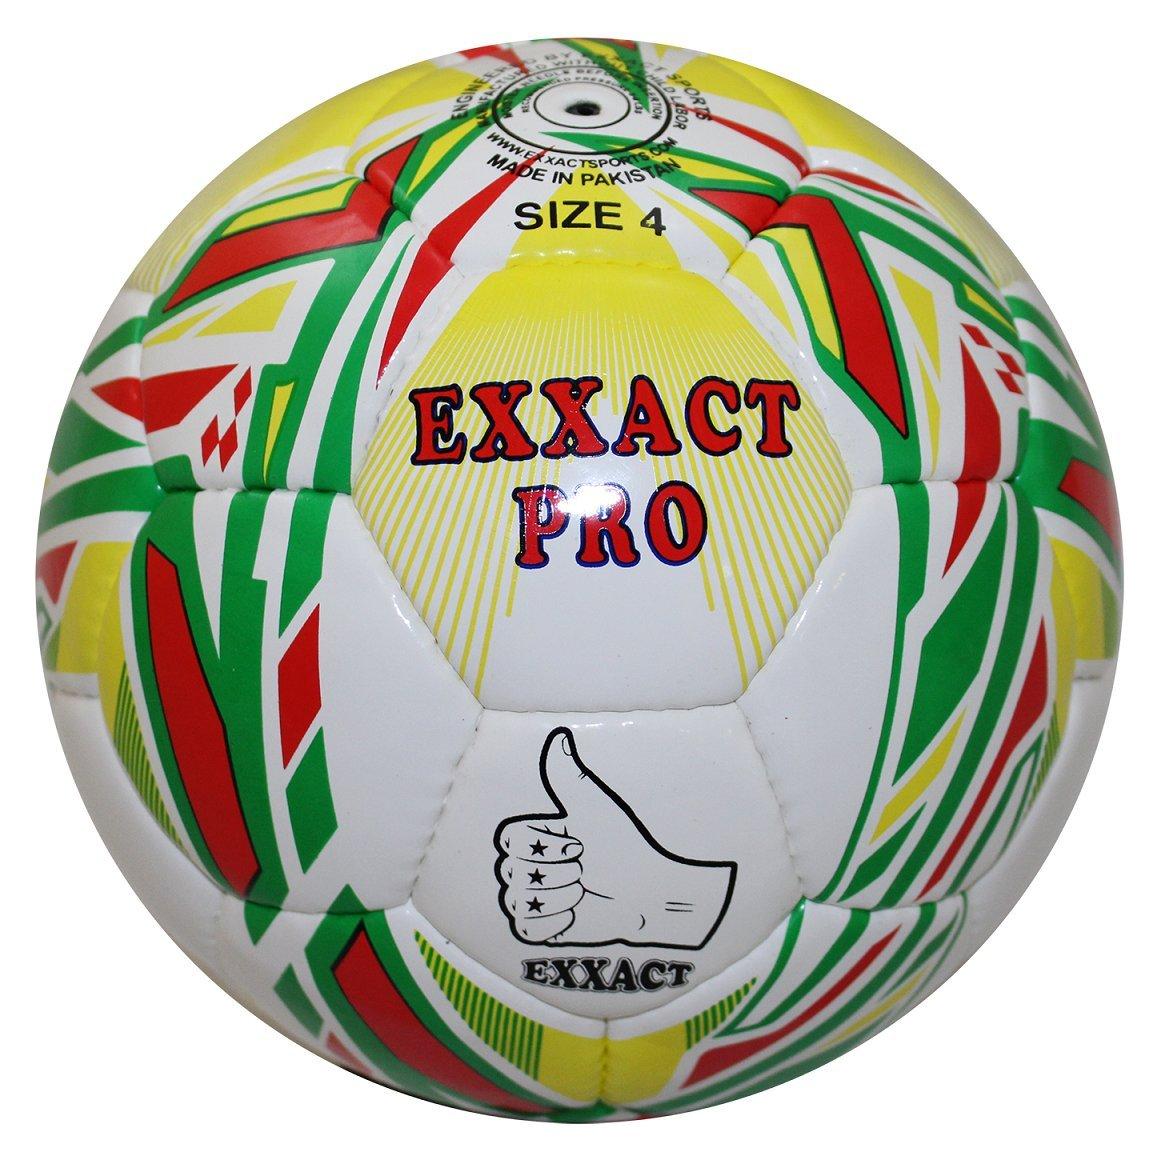 Exxact Pro Hand Stitchサッカートレーニングボール – グリーン&イエロー B077S58C3VSize 4